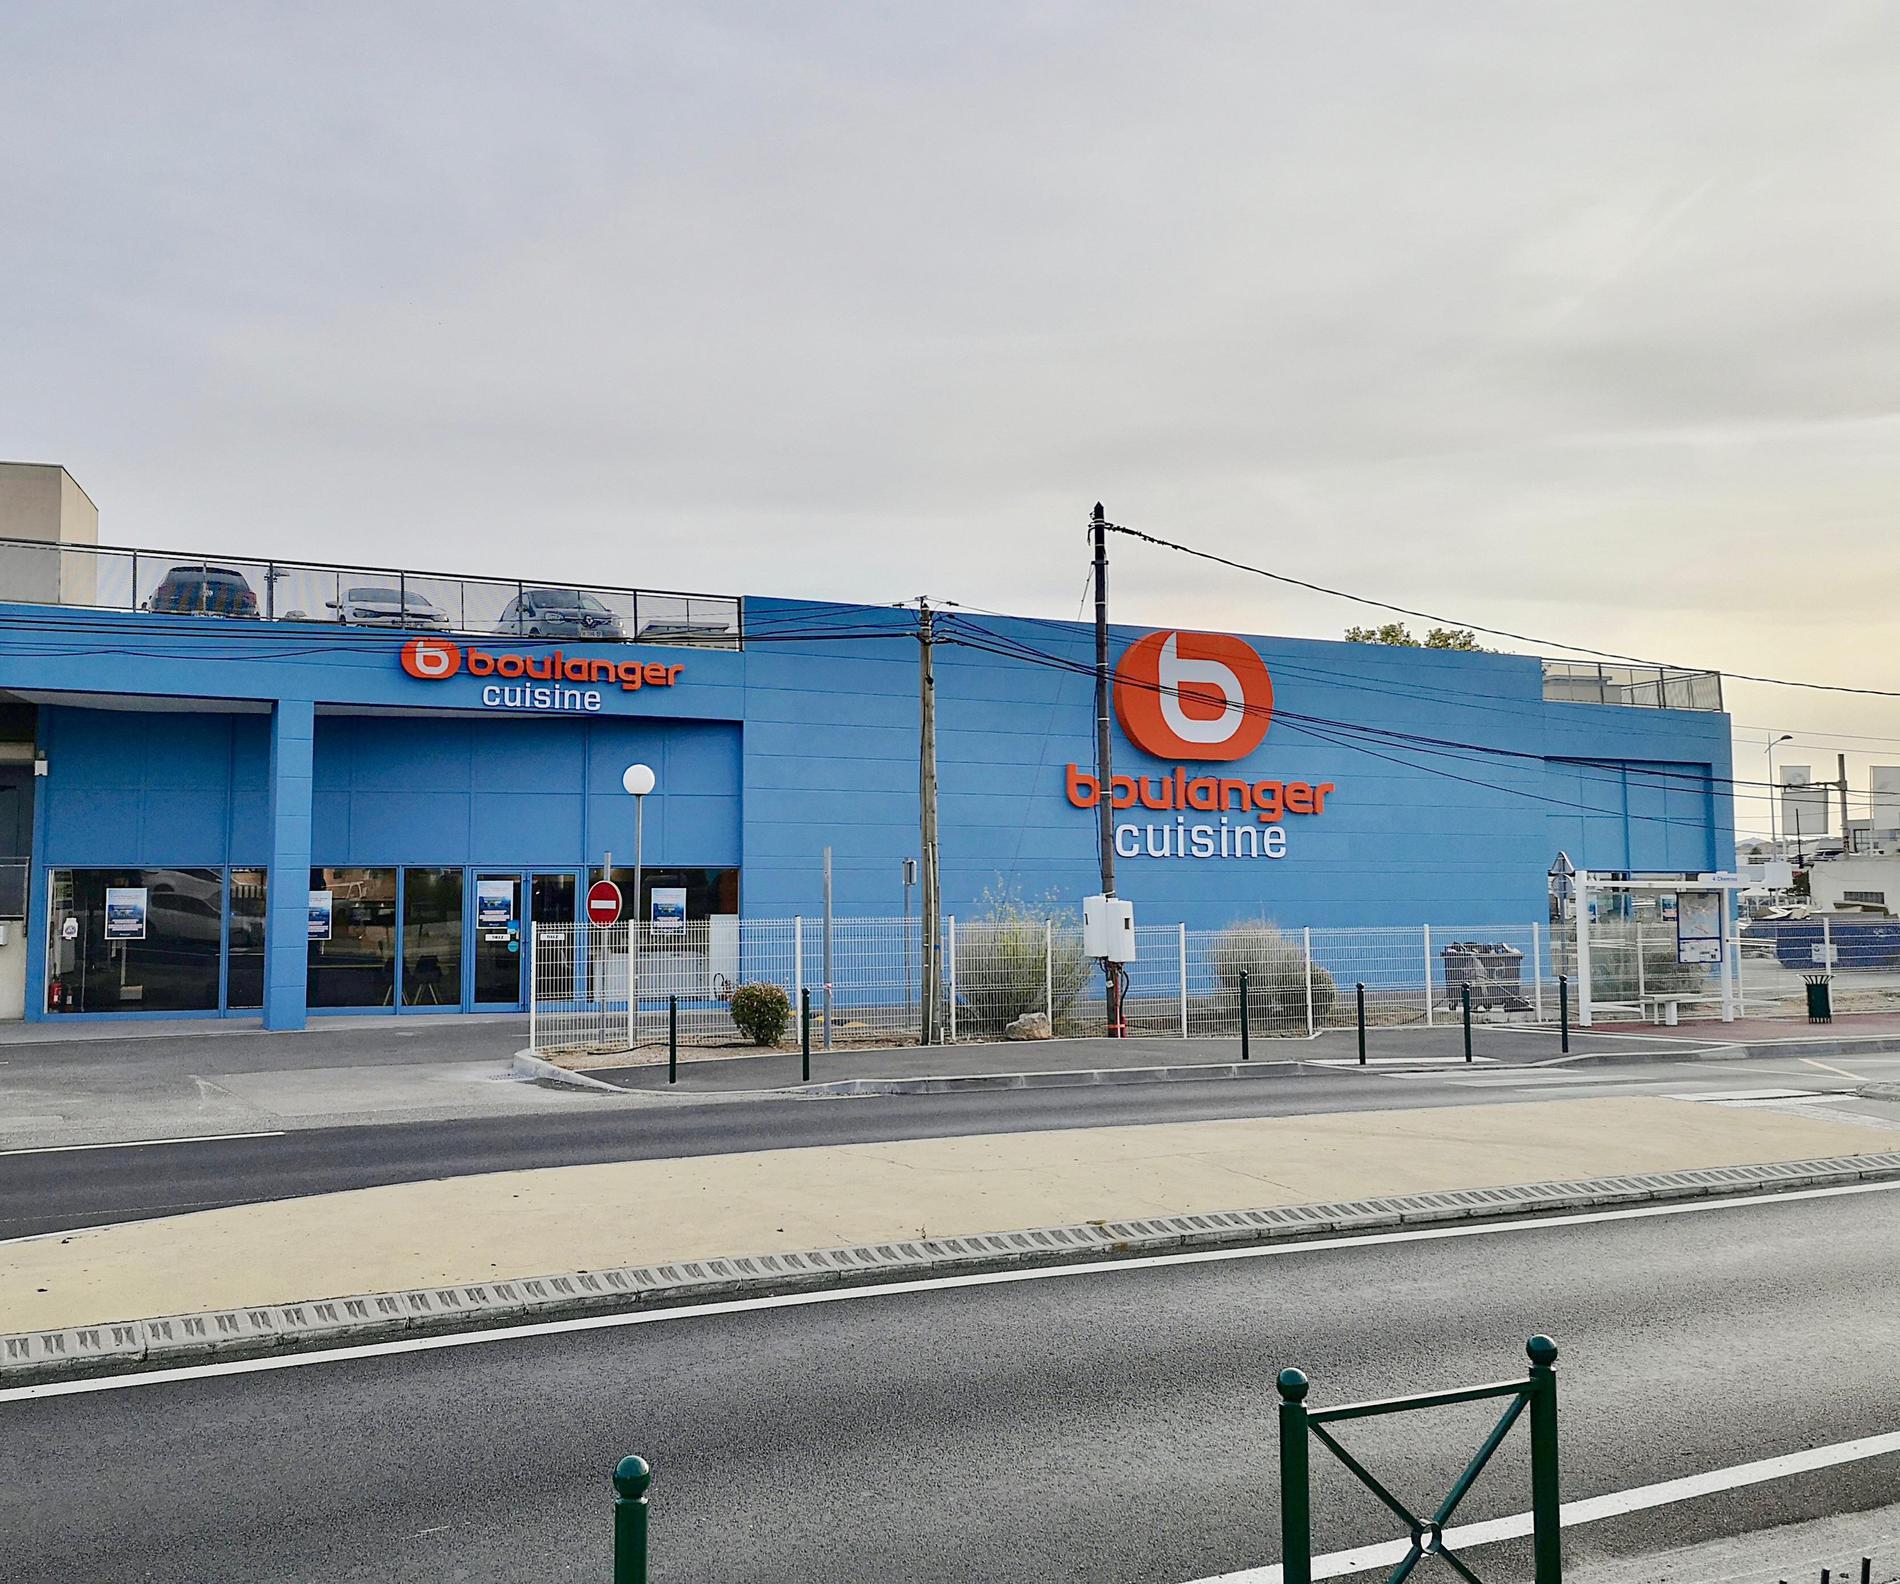 Cuisine Equipee Boulanger Toulon La Garde Magasin Boulanger Toulon La Garde